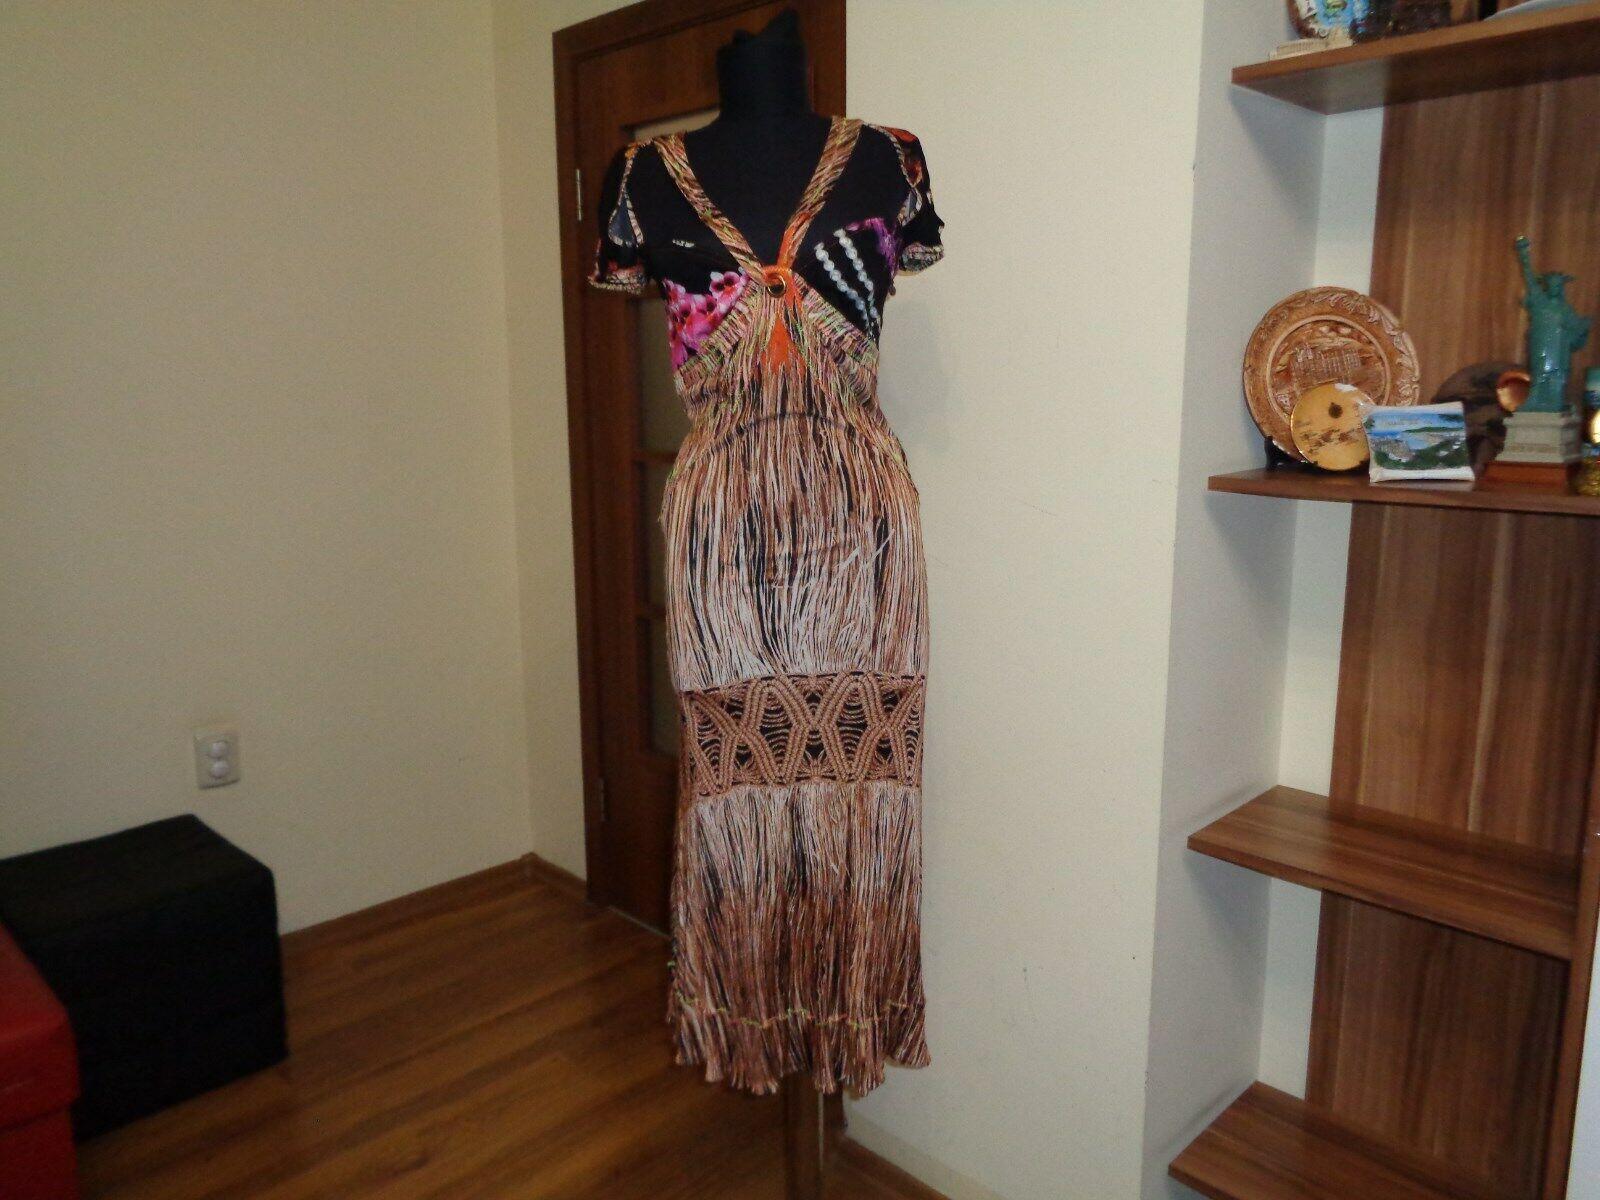 Sólo CAVALLI stretch LYCRA JERSEY MULTIColor vestido  midi Impreso Manga Casquillo-it 44  venta caliente